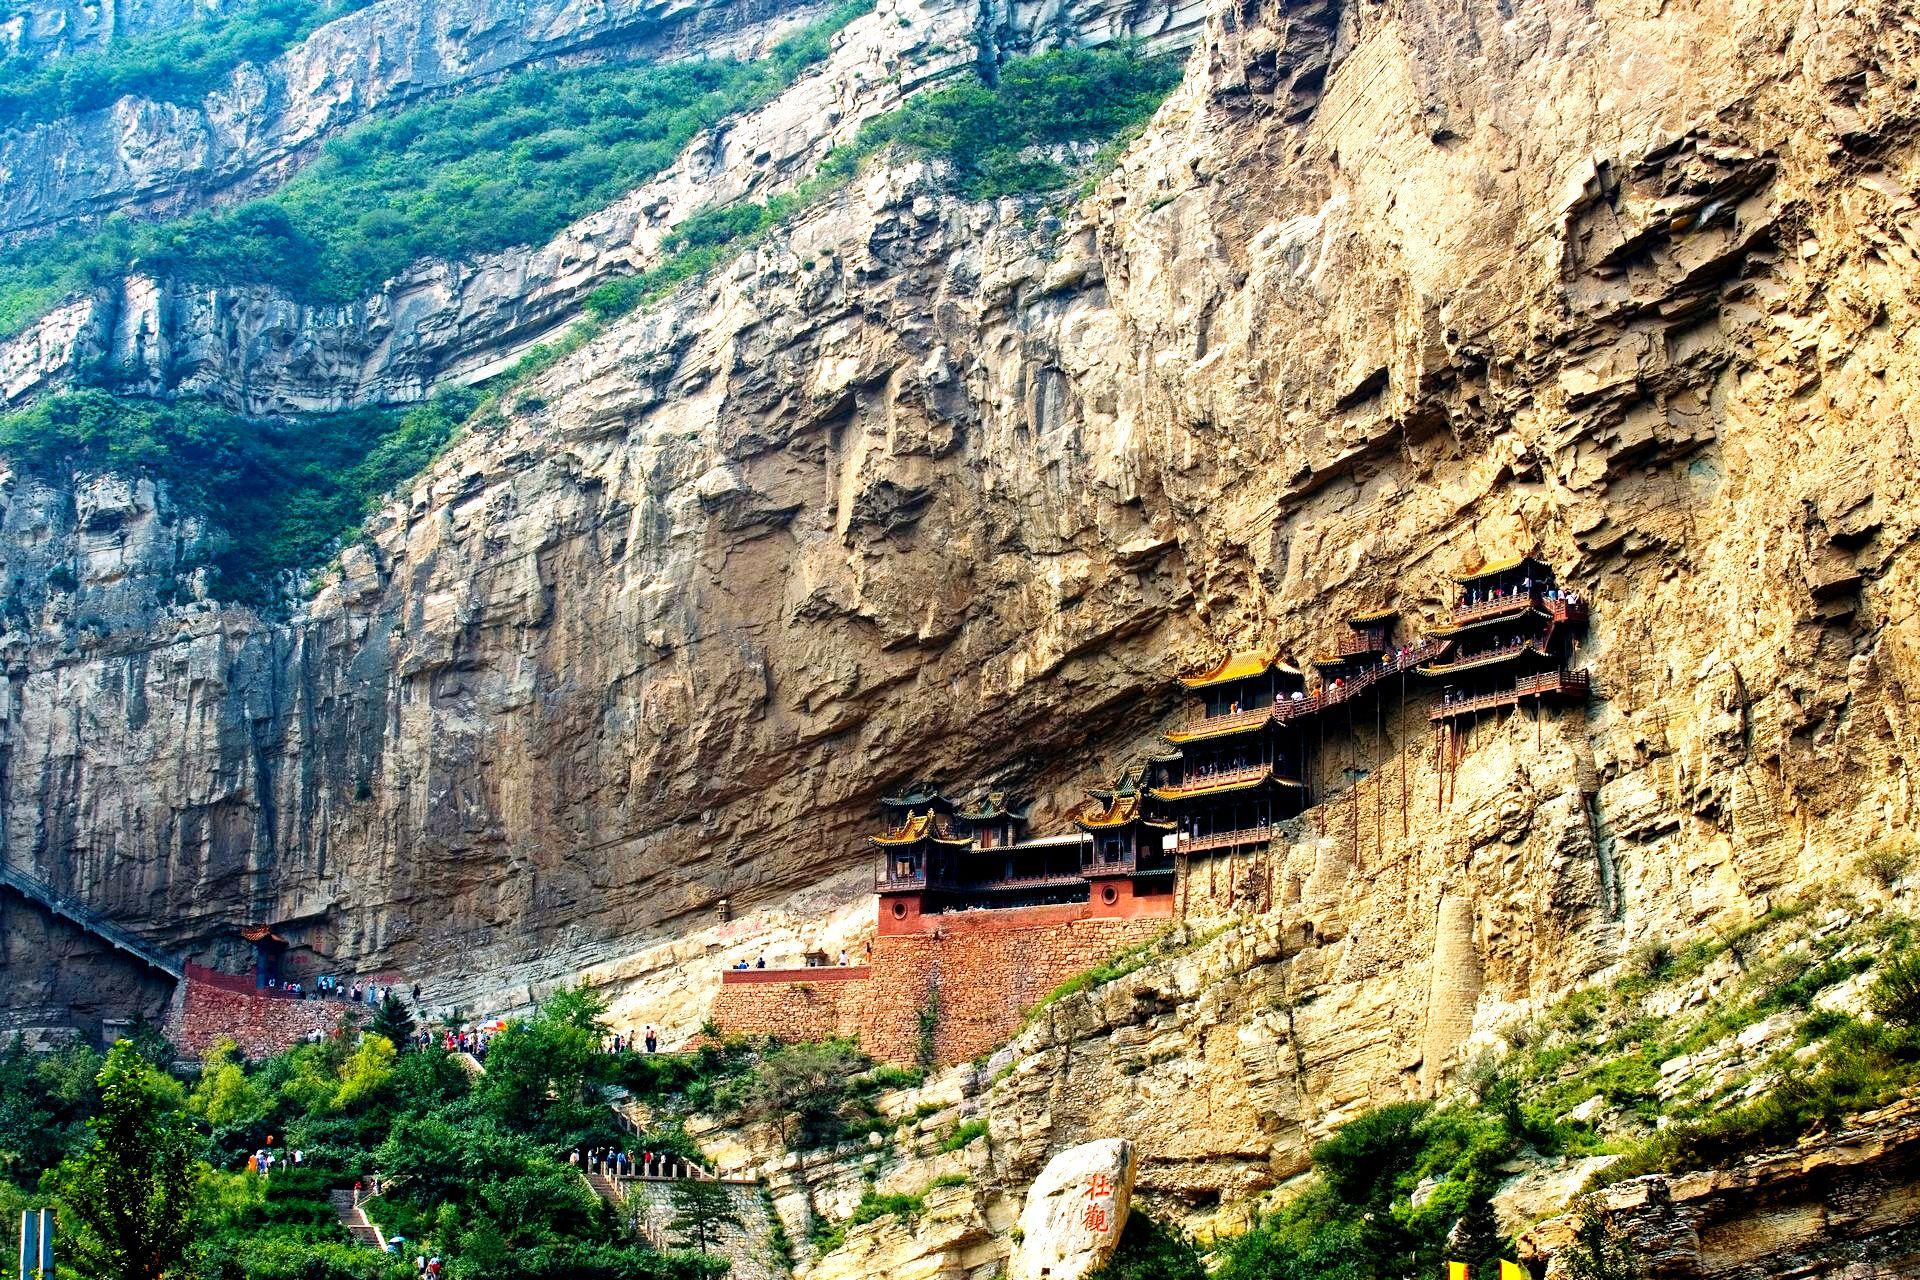 панорама висячего монастыря